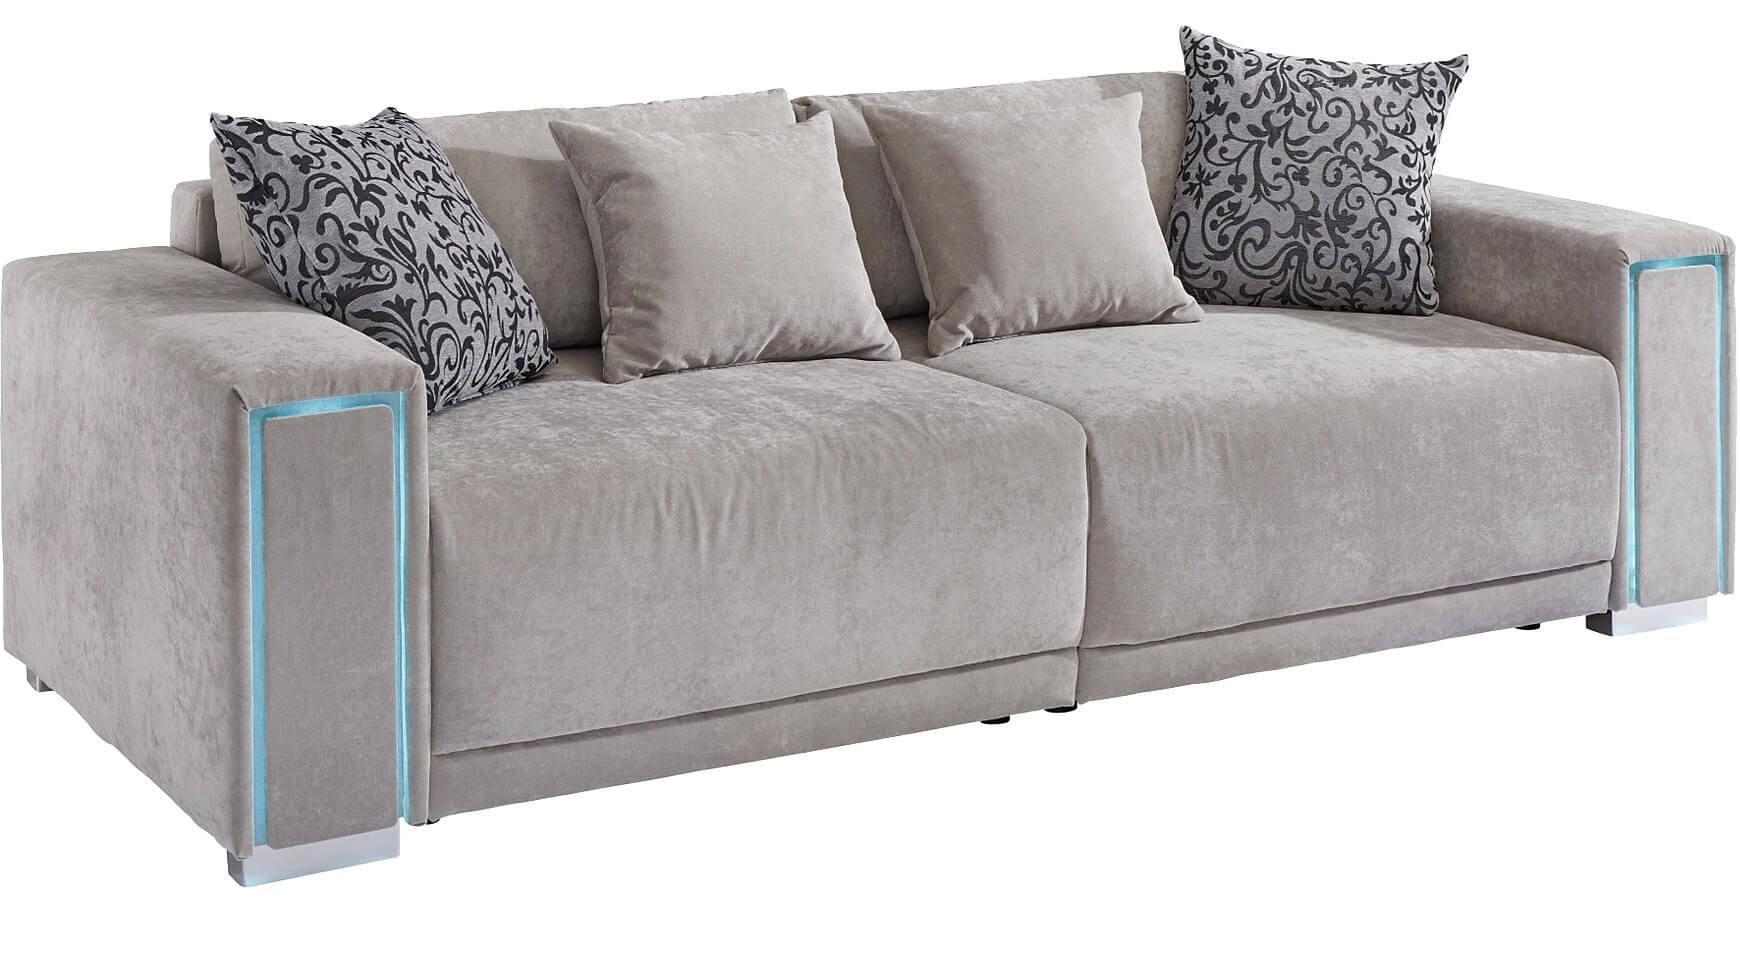 Full Size of Sofa Mit Lautsprecher Und Led Musikboxen Couch Bluetooth Poco Licht Zweisitzer Für Esszimmer Franz Fertig Bett Ausziehbett Hersteller Gelb Bettfunktion Wohnzimmer Sofa Mit Musikboxen